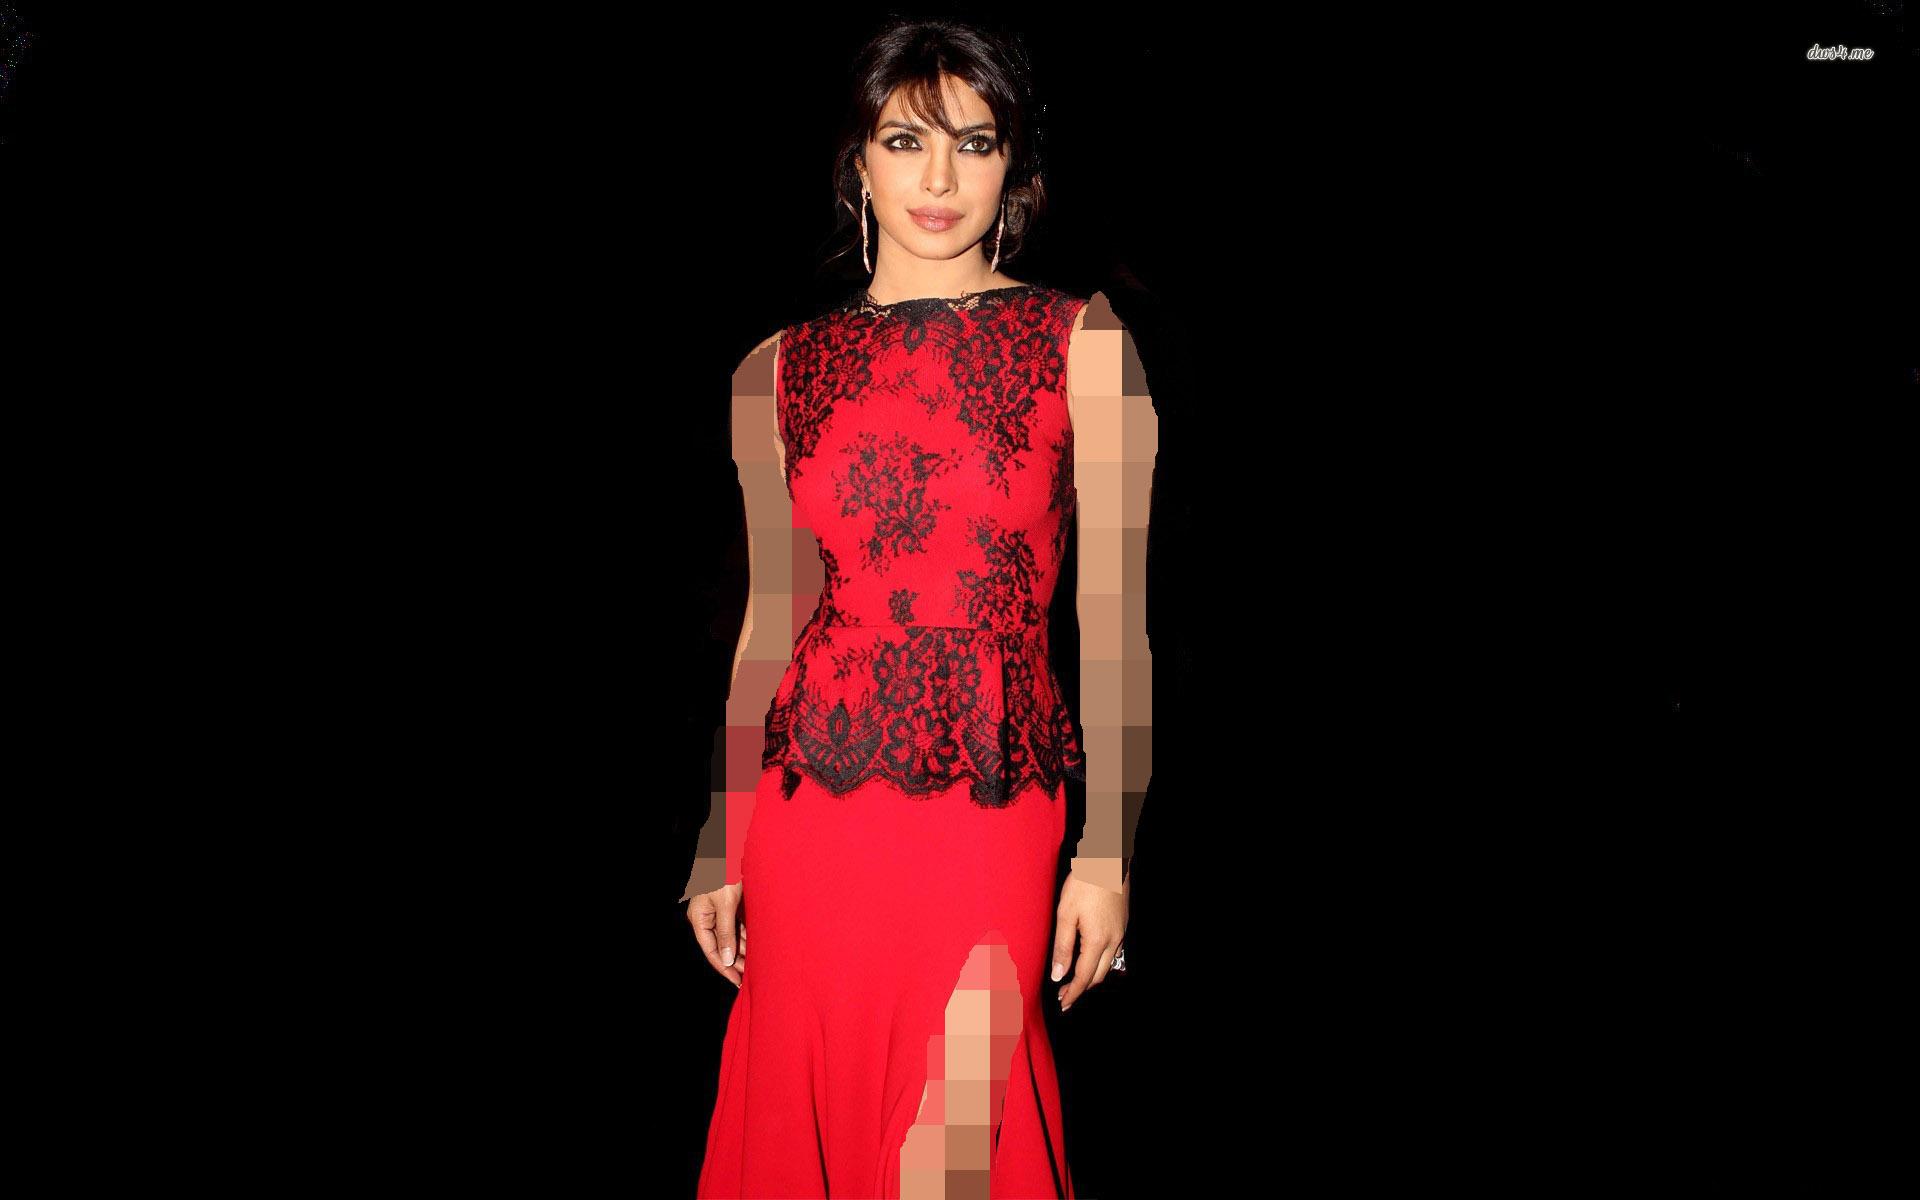 رنگ موی مشکی و لباس قرمز